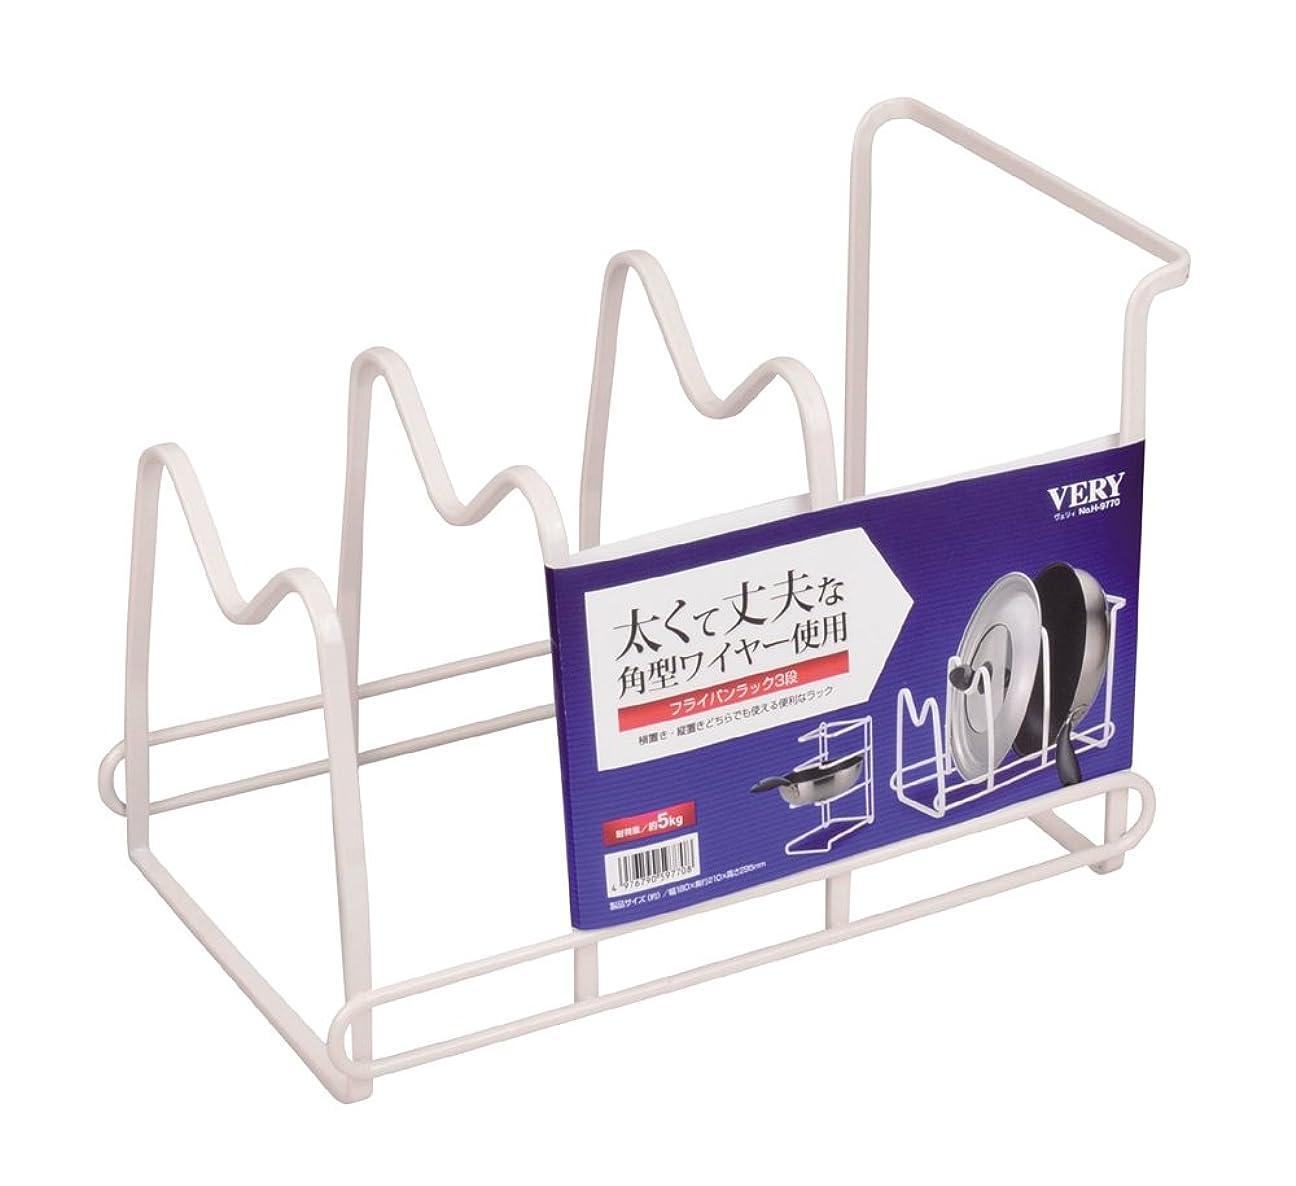 読み書きのできないカスケード袋パール金属 キッチンラック ホワイト サイズ:(約) 幅18×奥行21×高さ29.5cm H-9770